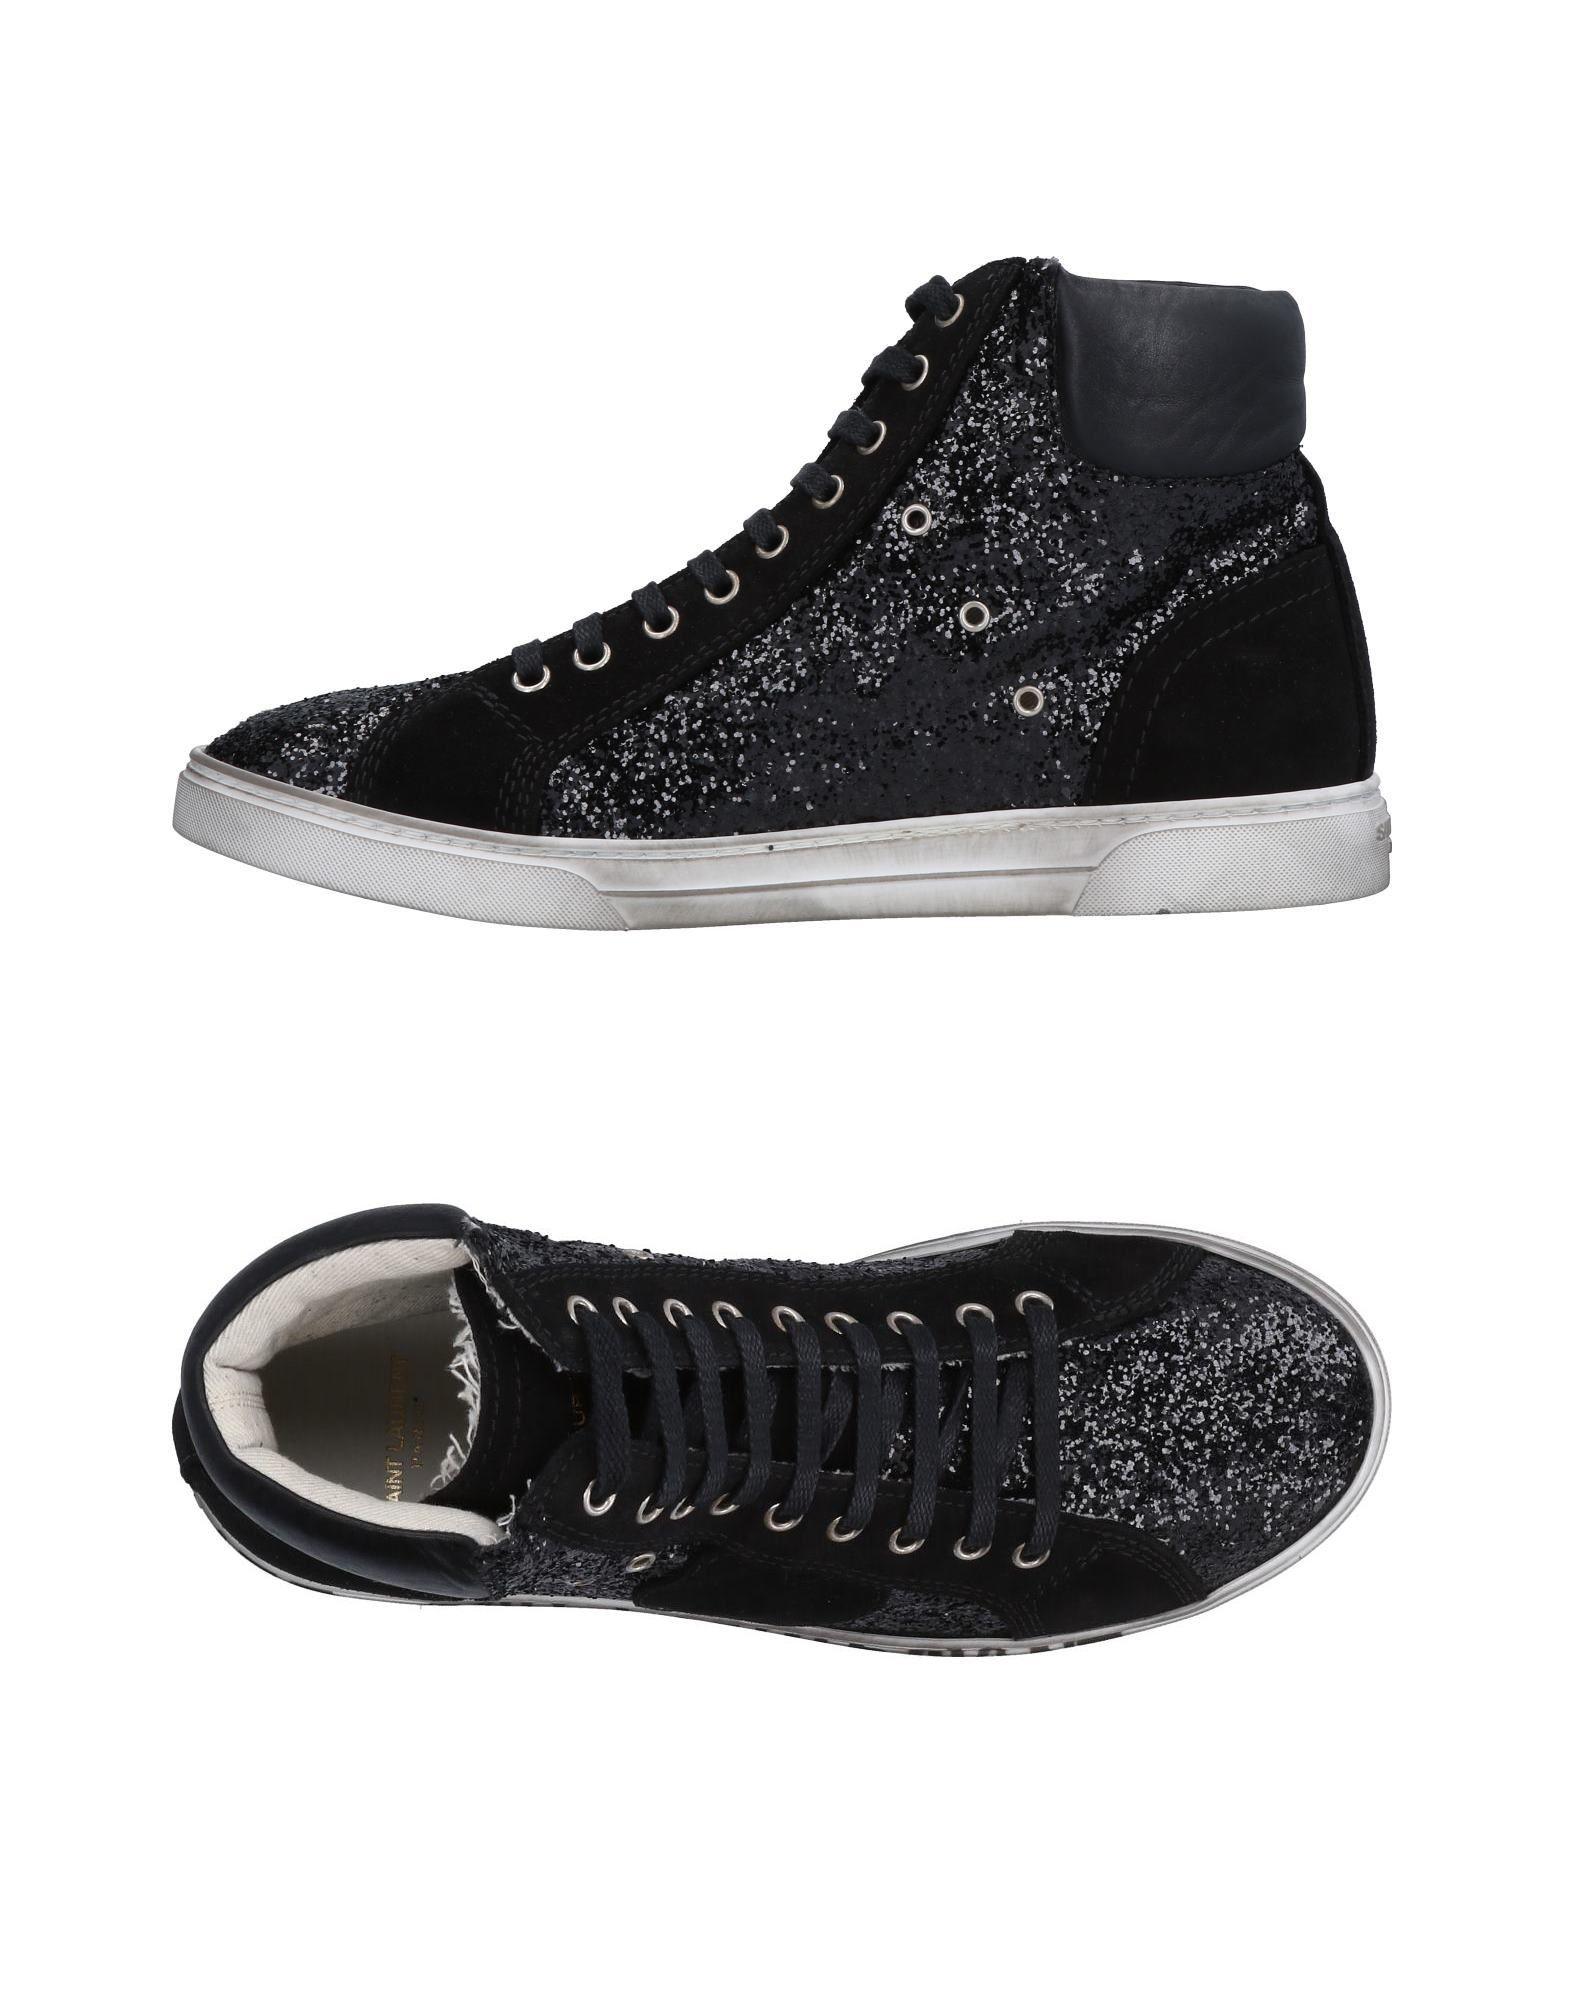 Saint Laurent Gute Sneakers Herren  11507229RW Gute Laurent Qualität beliebte Schuhe 682e62